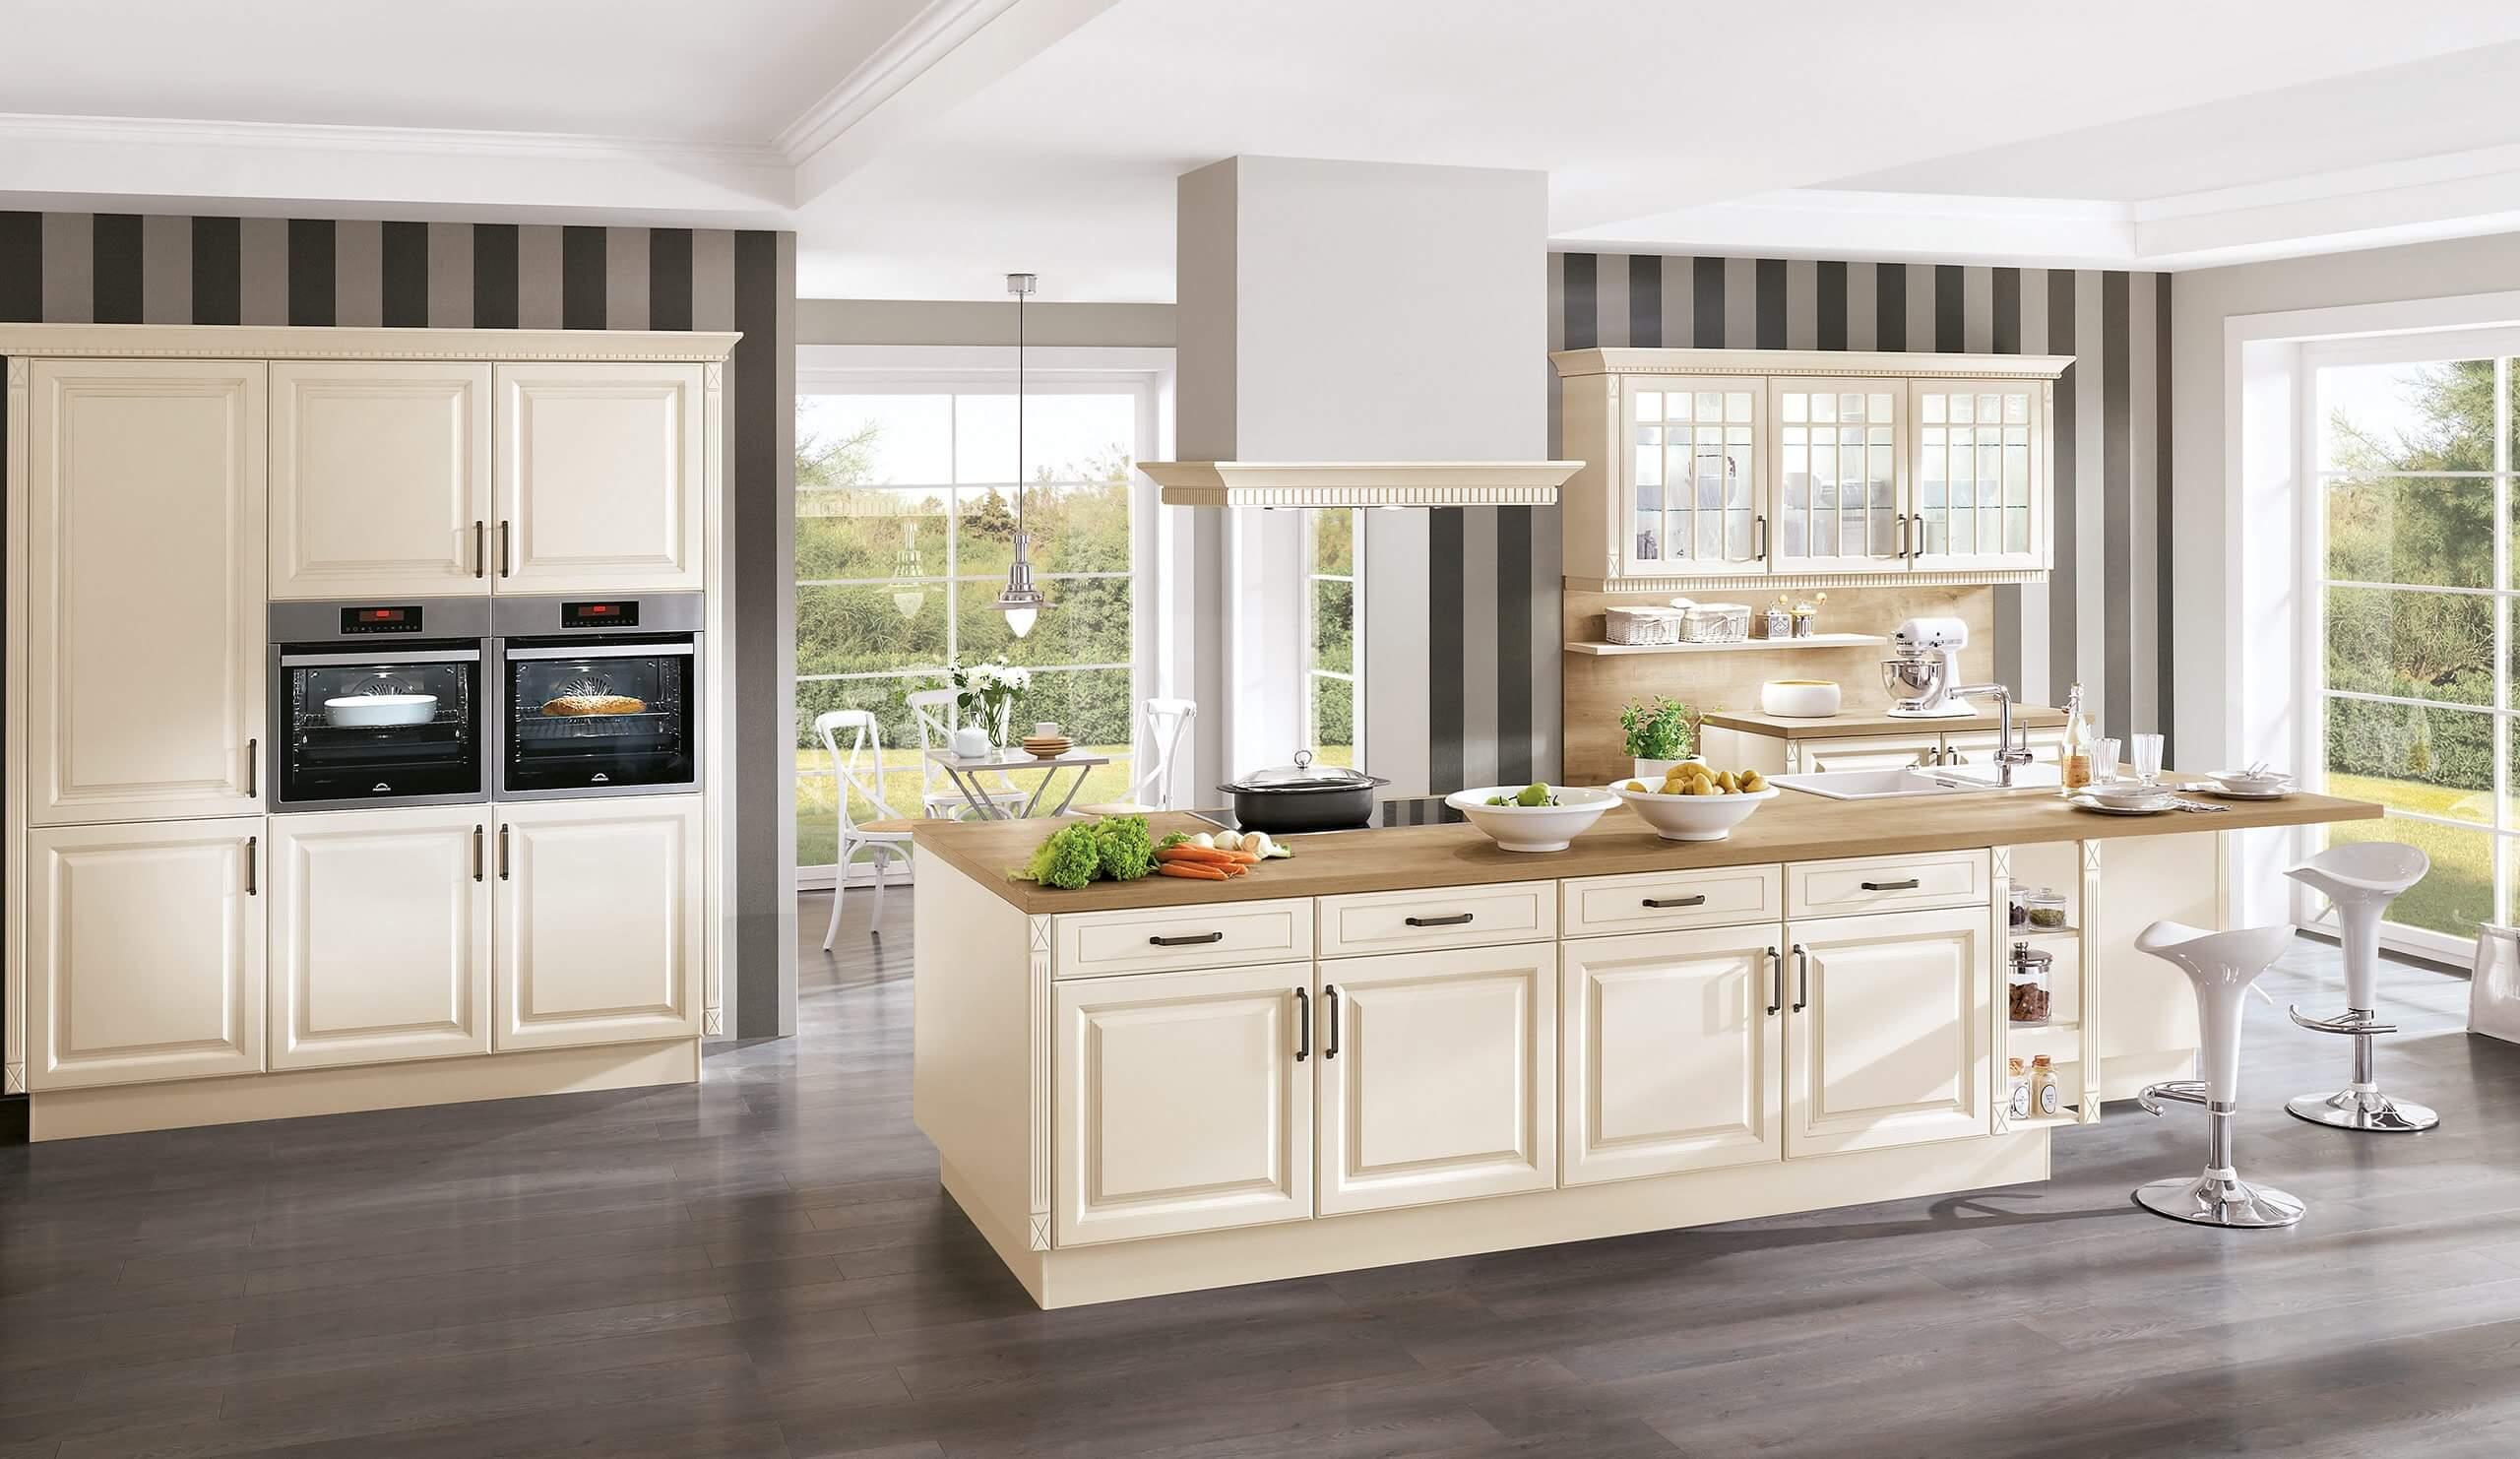 Full Size of Magnolia Farbe Landhaus Einbaukche Norina 8224 Kchenquelle Wohnzimmer Magnolia Farbe